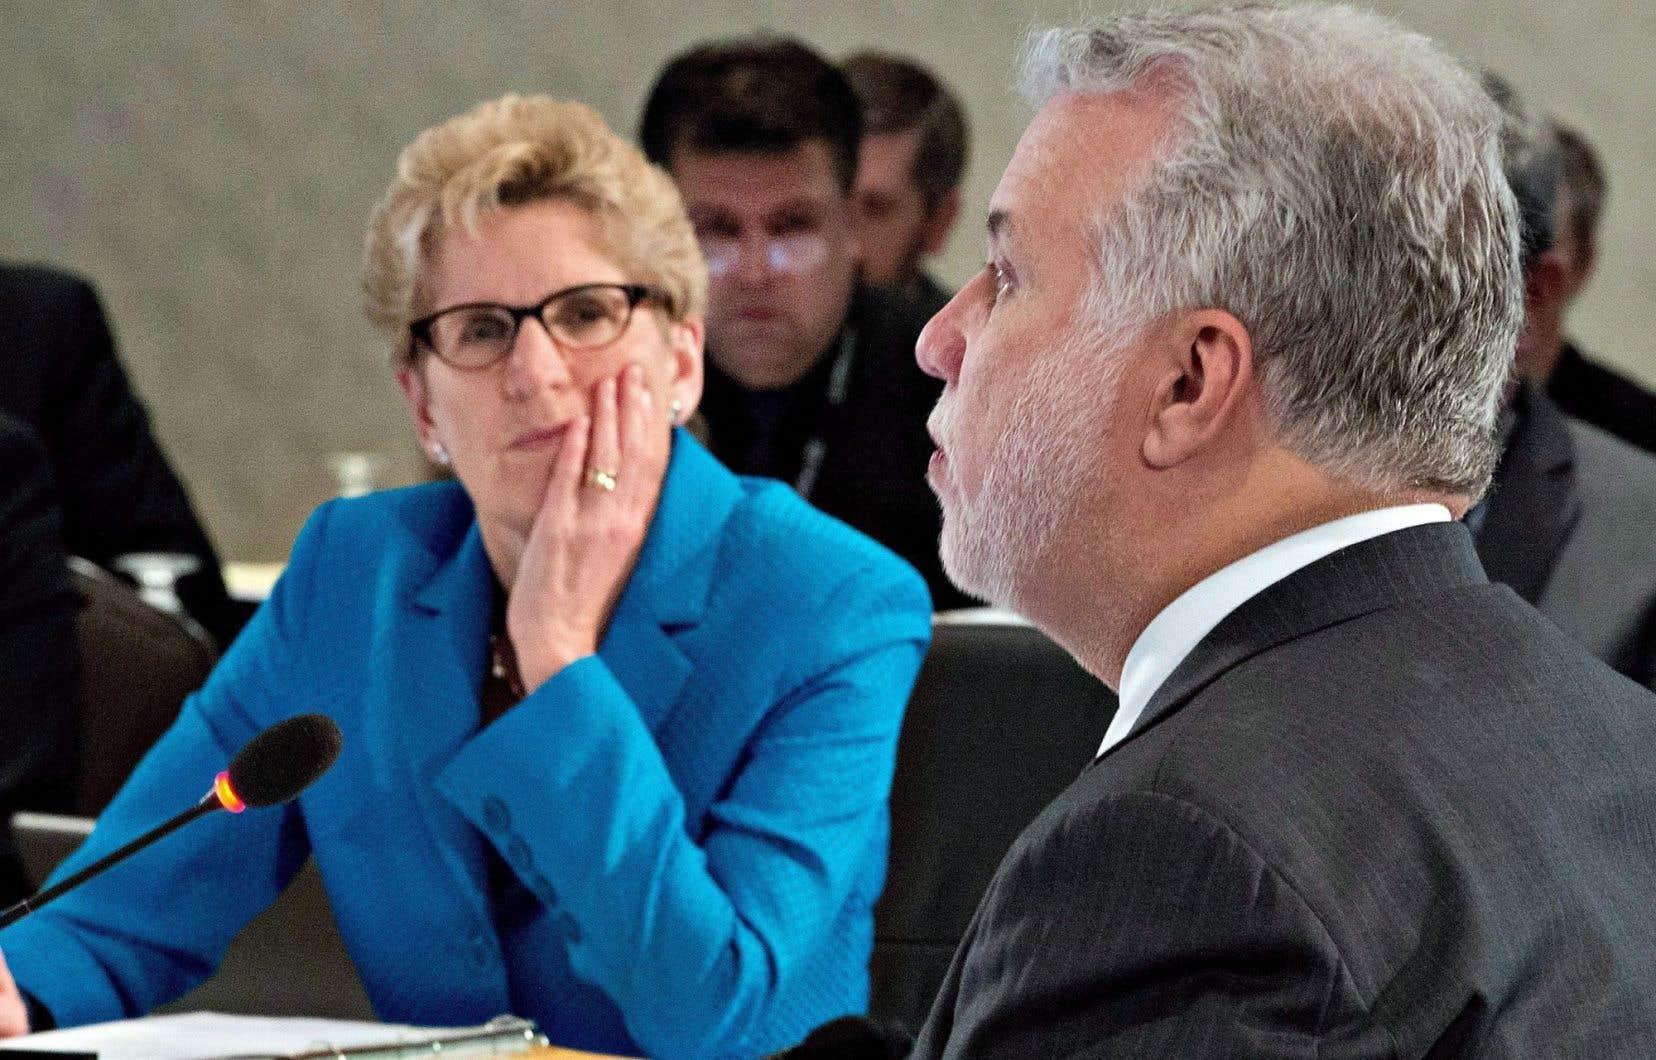 Le Québec et l'Ontario n'attendront pas que l'entente de libre-échange entre le Canada et l'Europe soit entérinée par les différents gouvernements pour satisfaire aux exigences qu'elle posera en matière de contrats publics. Les deux gouvernements, dirigés respectivement par Philippe Couillard et Kathleen Wynne, ont harmonisé leurs règles, qui entreront en vigueur en deux étapes: le 1erjanvier pour les contrats des ministères, et le 1erseptembre pour les sociétés d'État, les réseaux de la santé et de l'éducation ainsi que les municipalités.